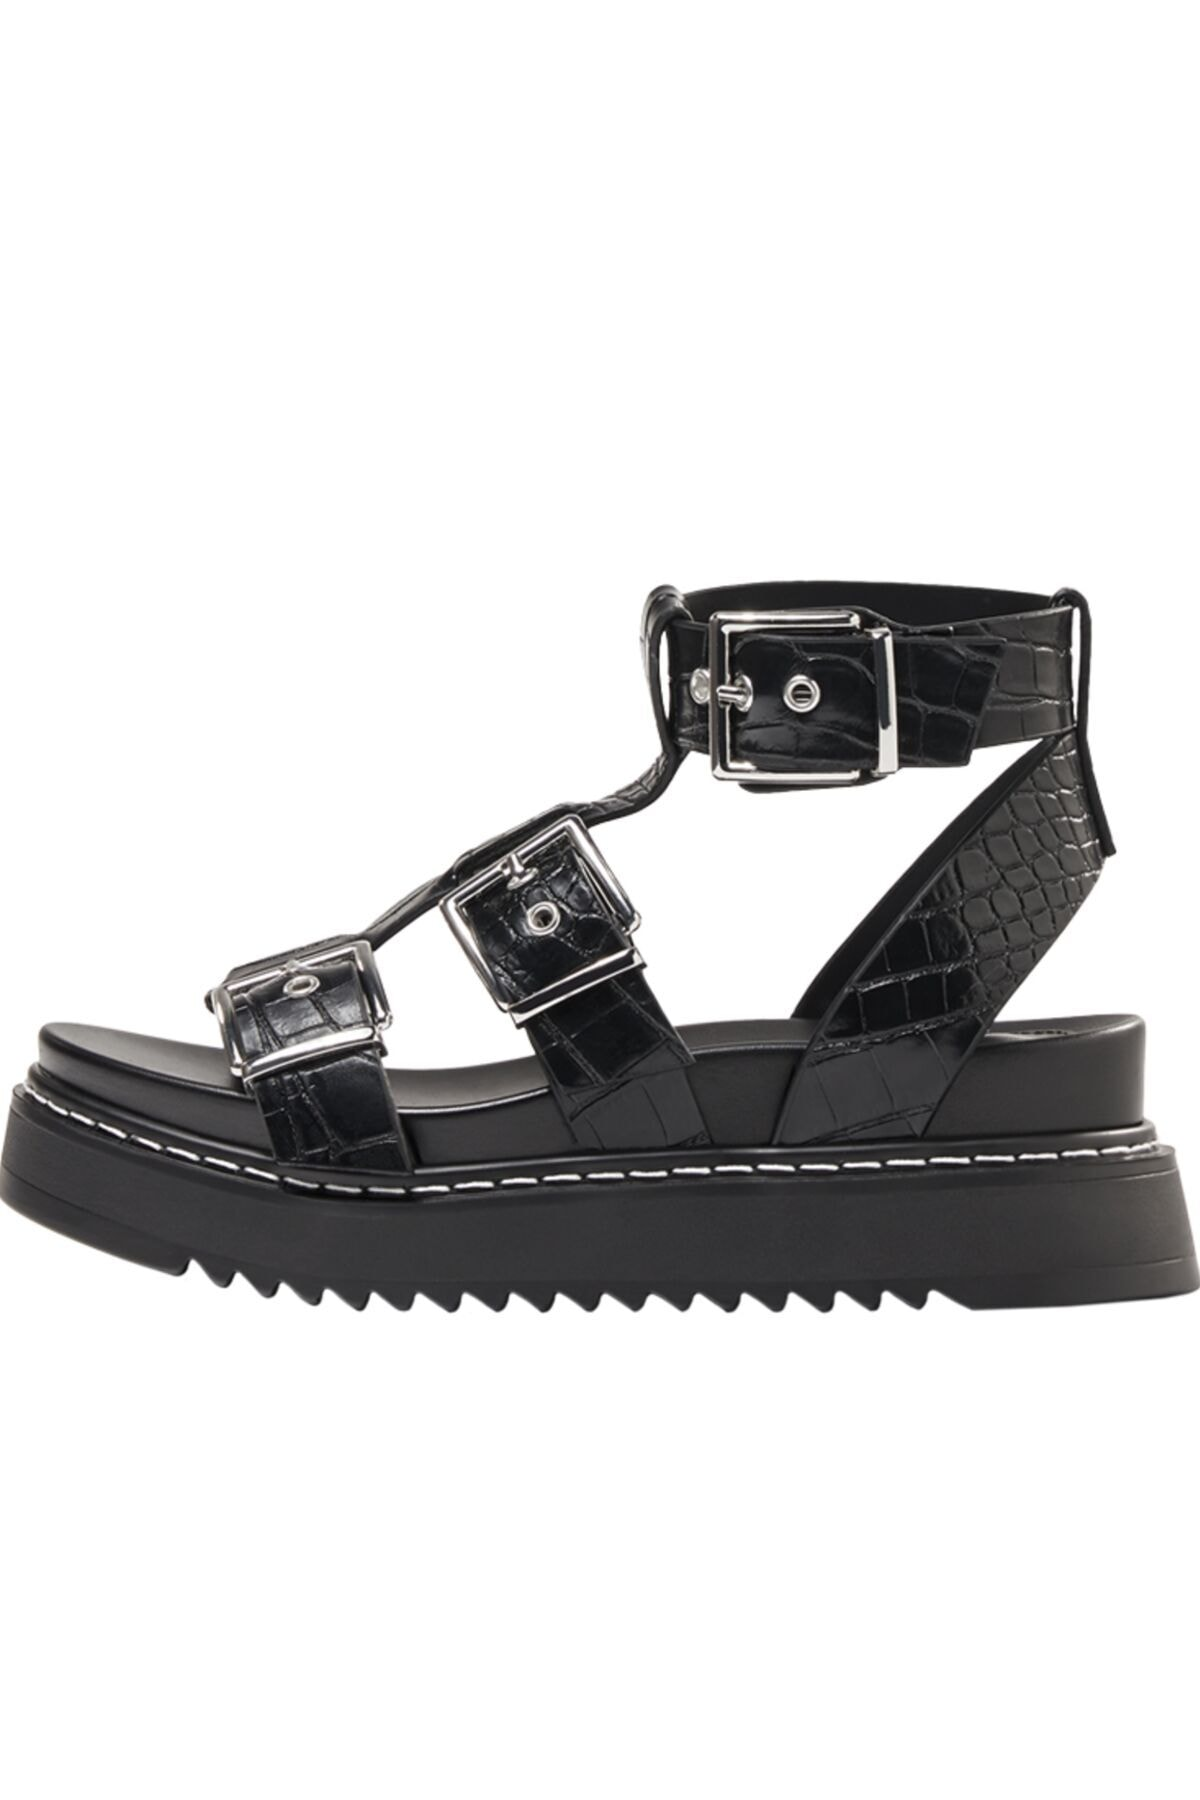 Bershka Kadın Tokalı Ve Kabartma Desenli Platform Sandalet. 2